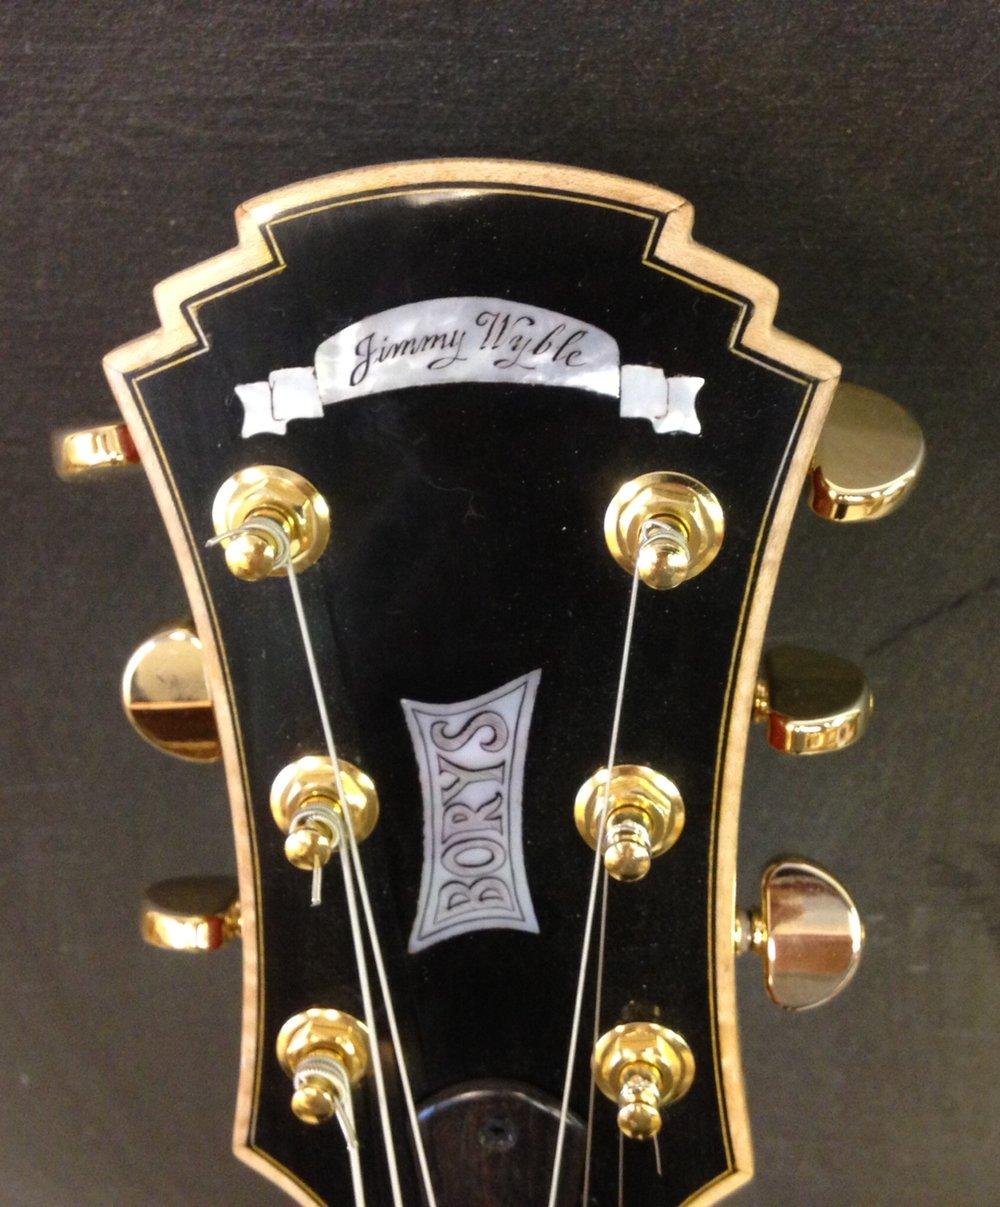 borys_guitars_IMG_0017_2.jpg